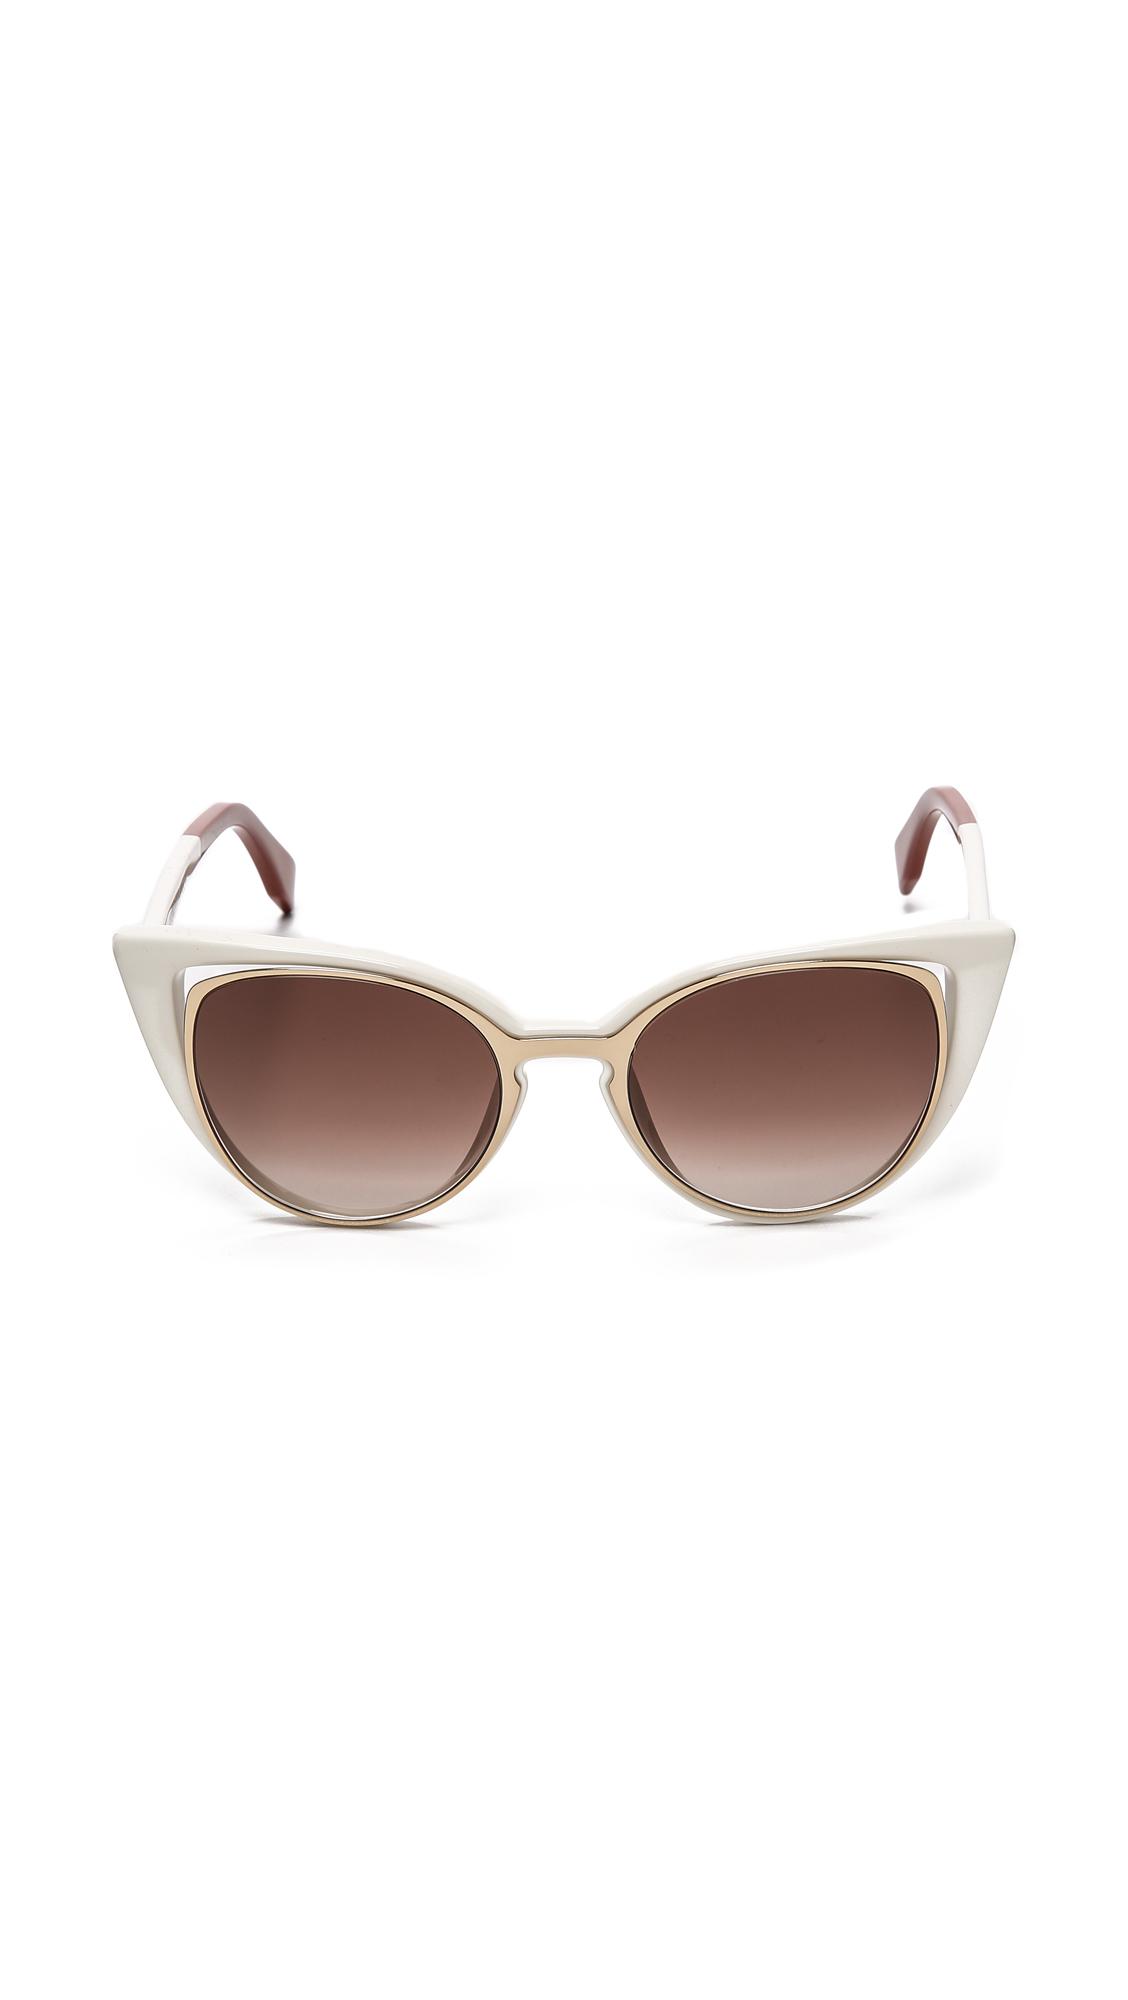 3d6629bf45 Fendi Cat Eye Sunglasses